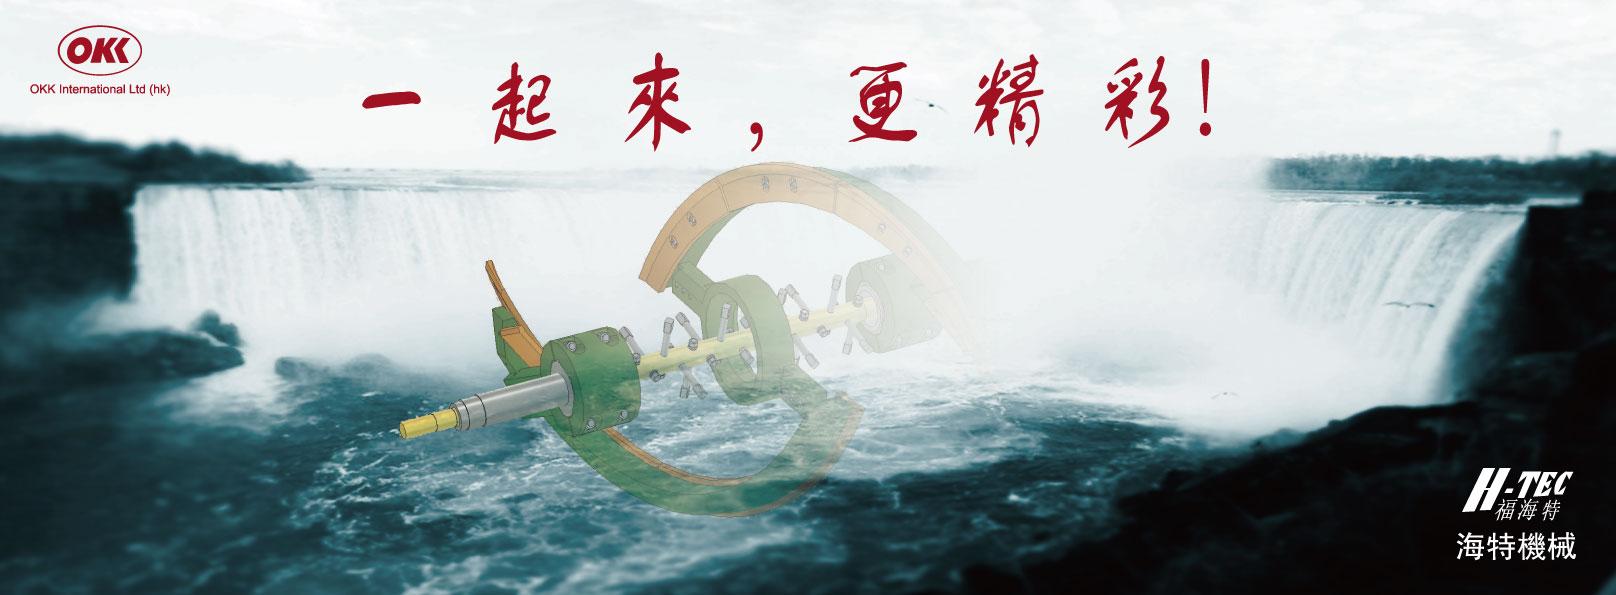 福建省南安市海特机械有限公司